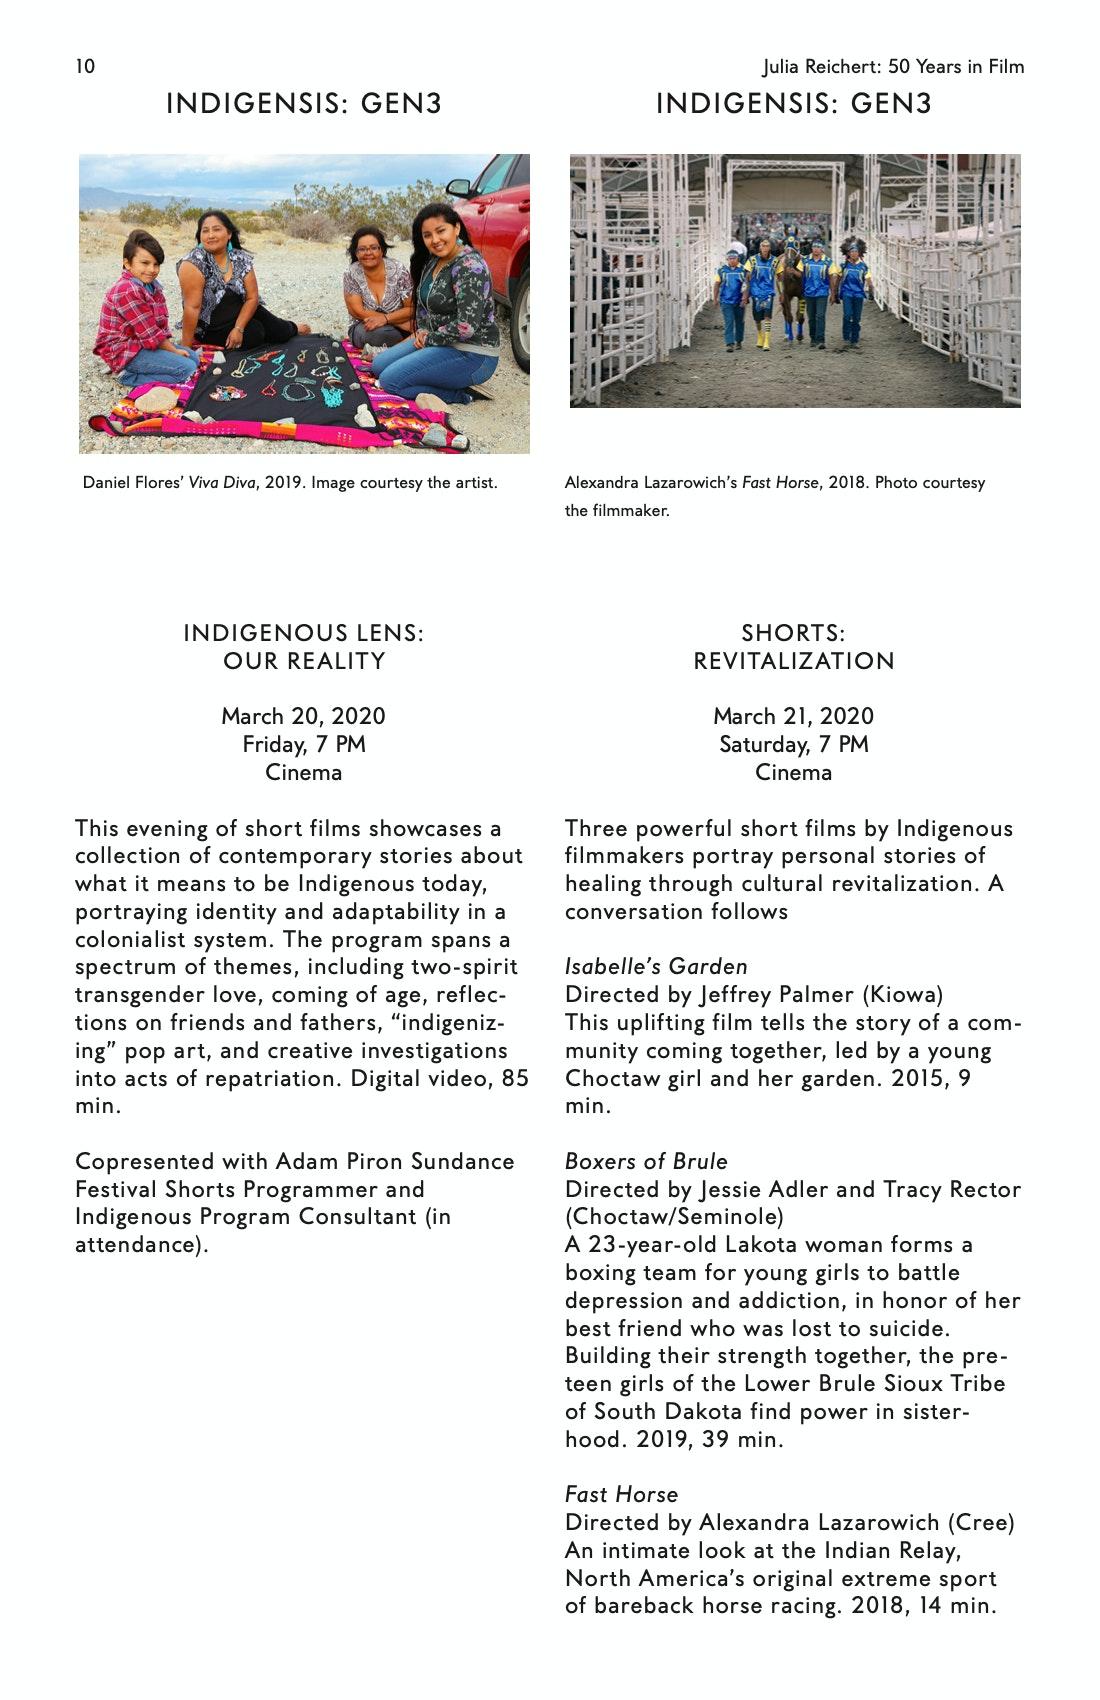 Julia Reichert Dialogue event brochure page 10